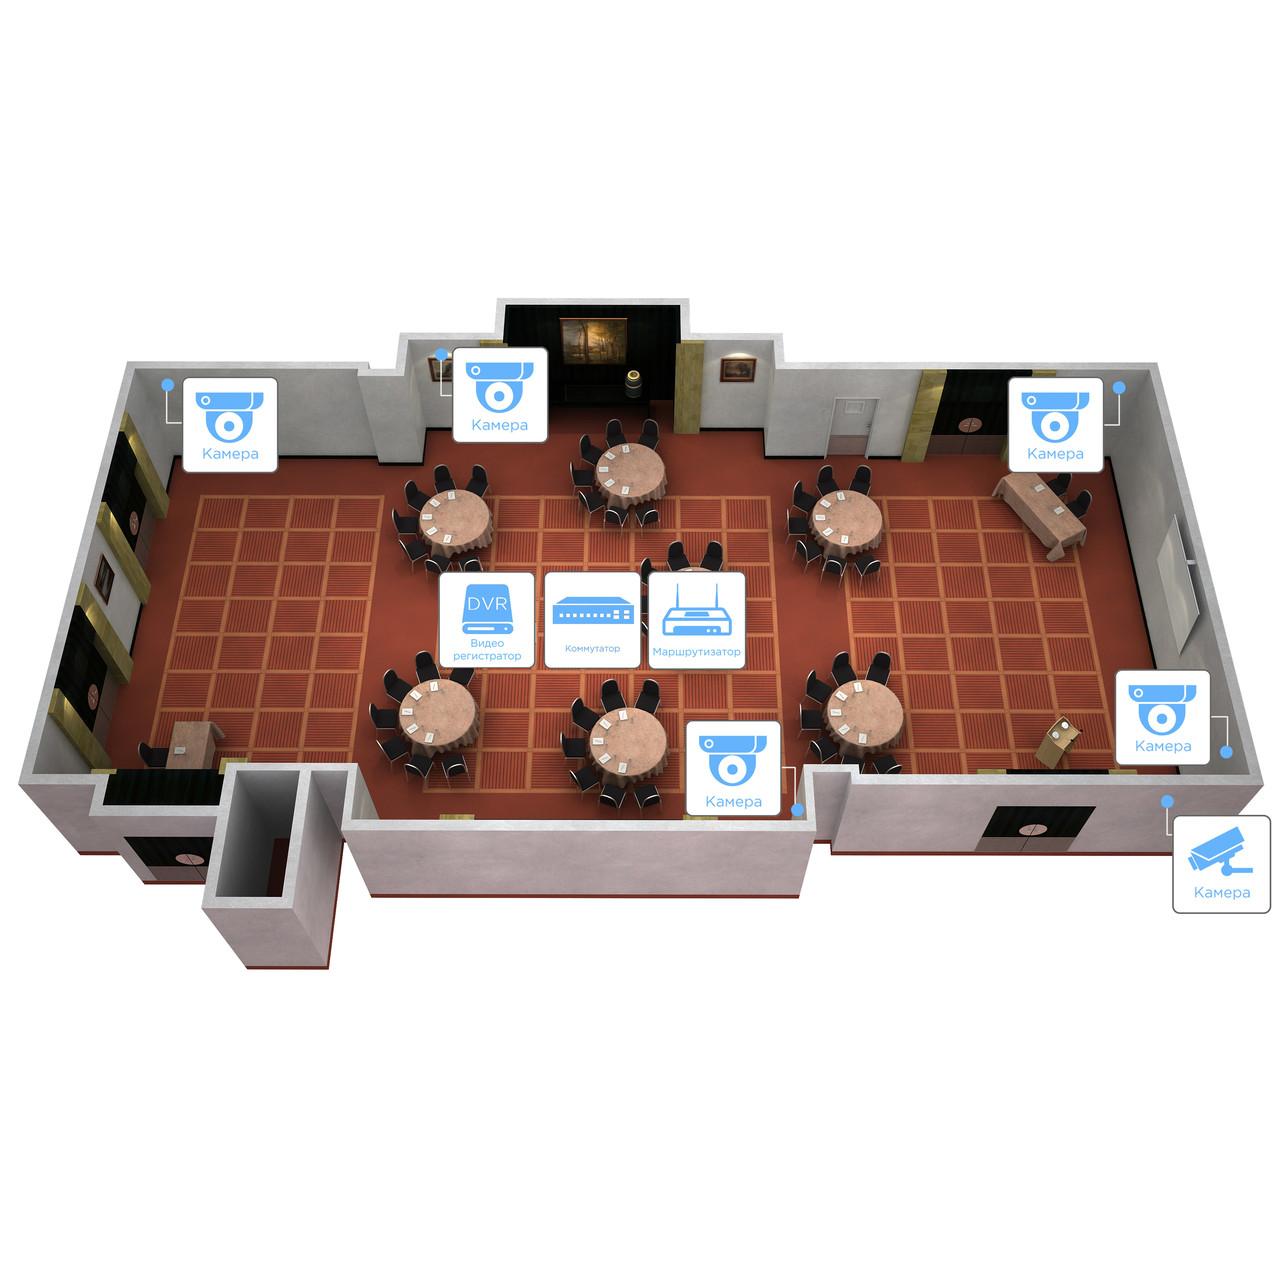 Система IP 1.3Mp(960P) видеонаблюдения на 6 камер «под ключ» для объекта социальной инфраструктуры